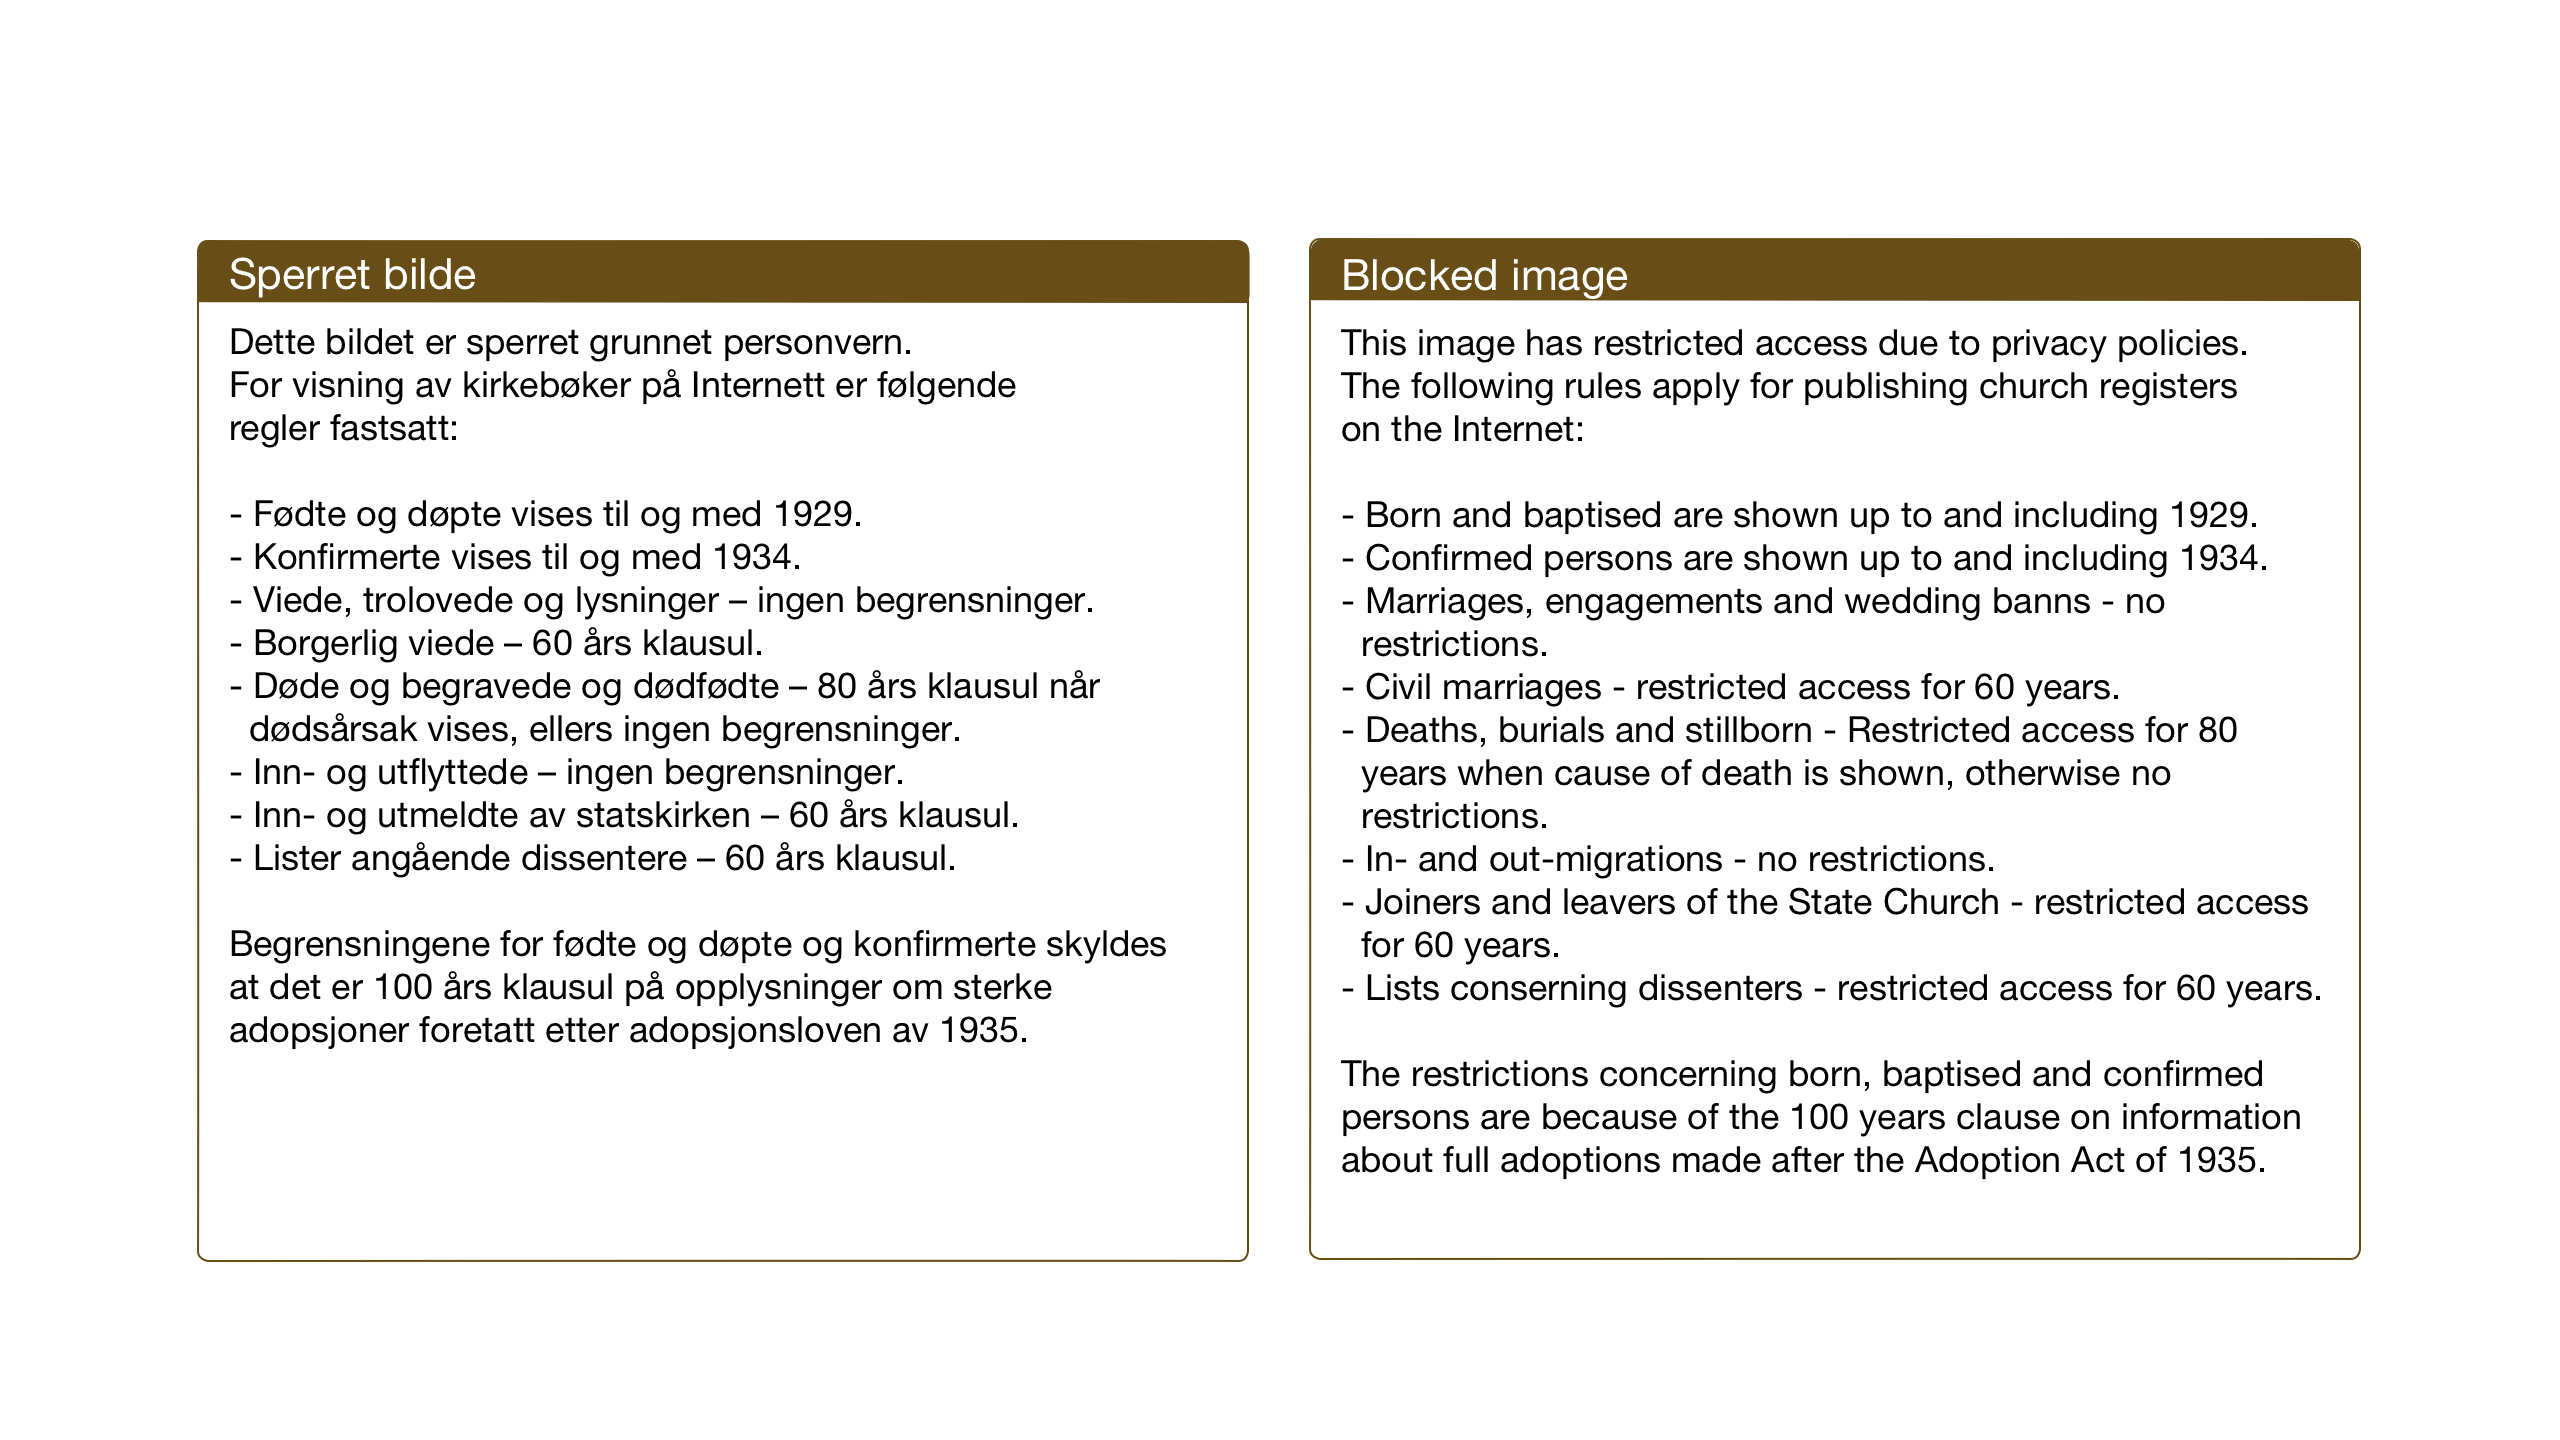 SAT, Ministerialprotokoller, klokkerbøker og fødselsregistre - Sør-Trøndelag, 681/L0943: Klokkerbok nr. 681C07, 1926-1954, s. 327